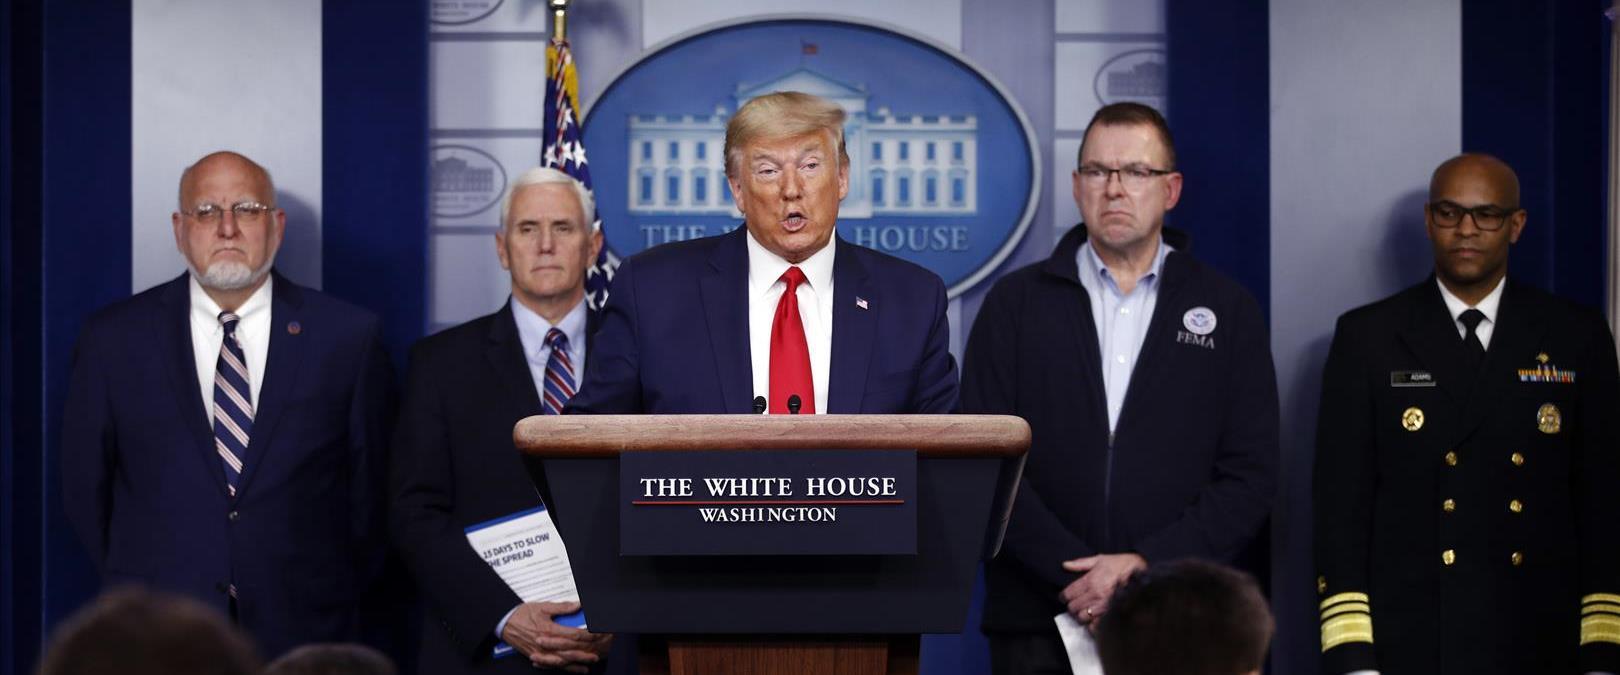 טראמפ במסיבת העיתונאים בבית הלבן, הלילה